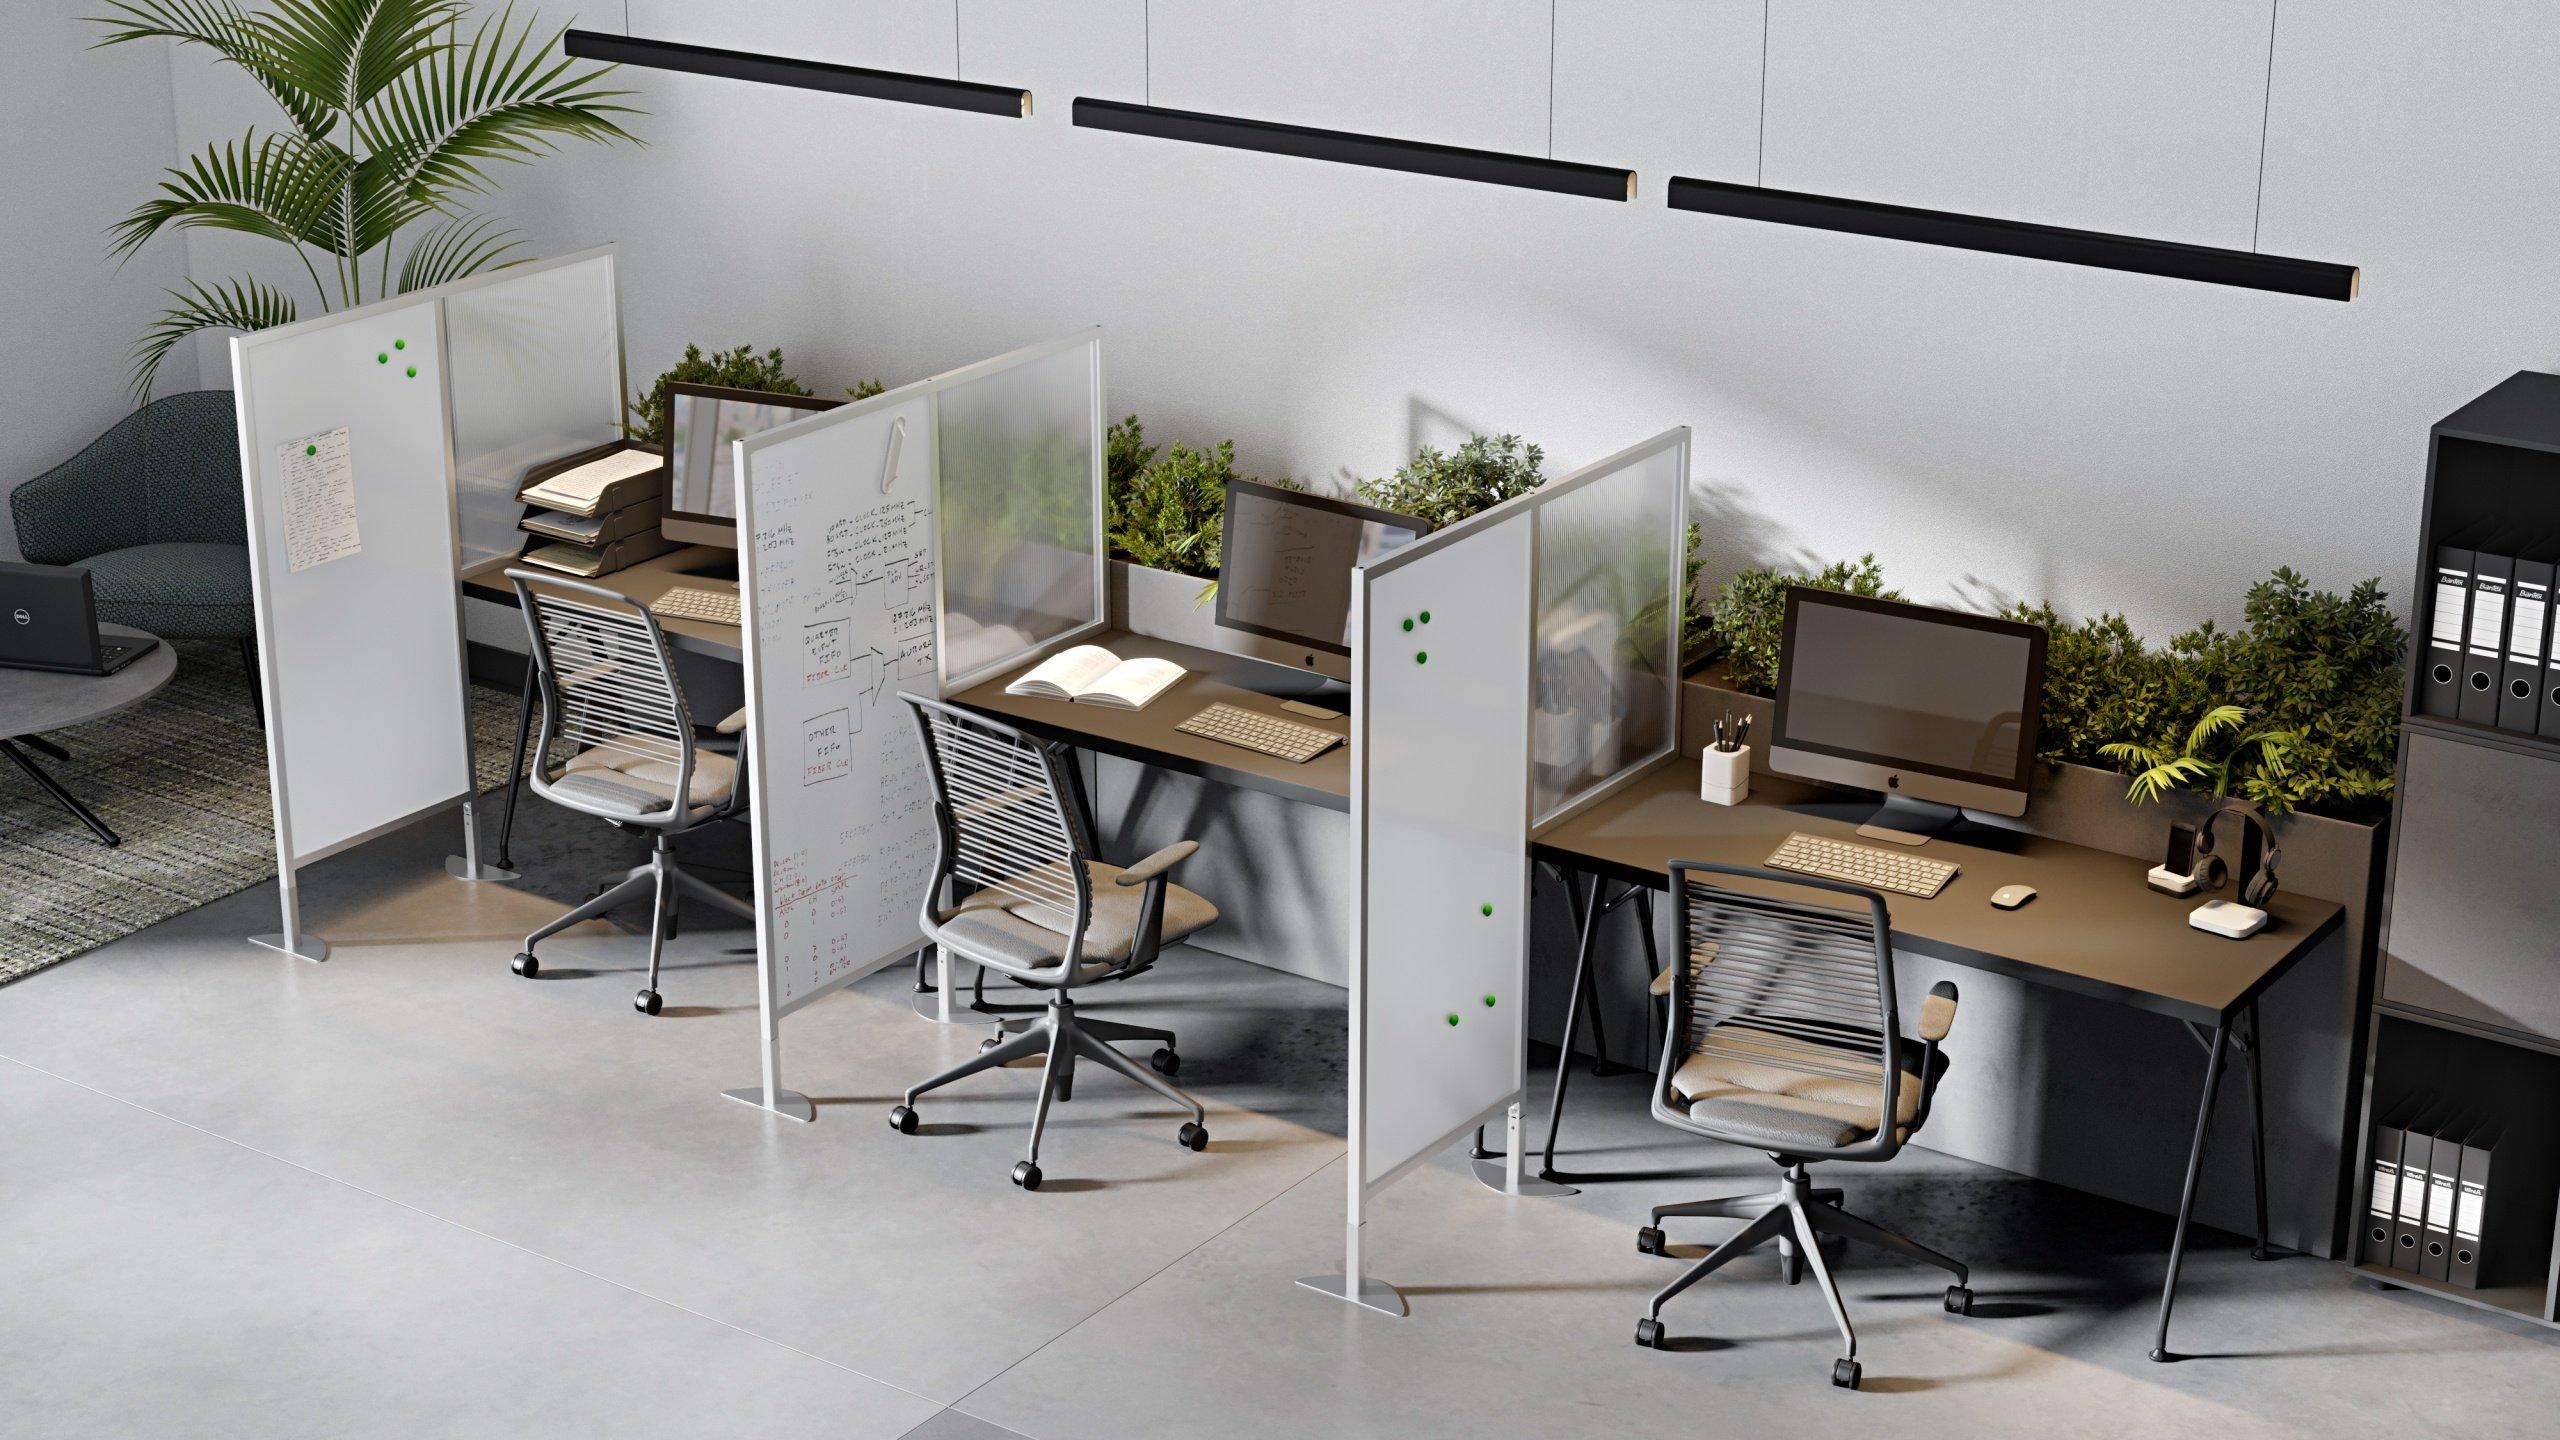 Office Desks 3D Rendering